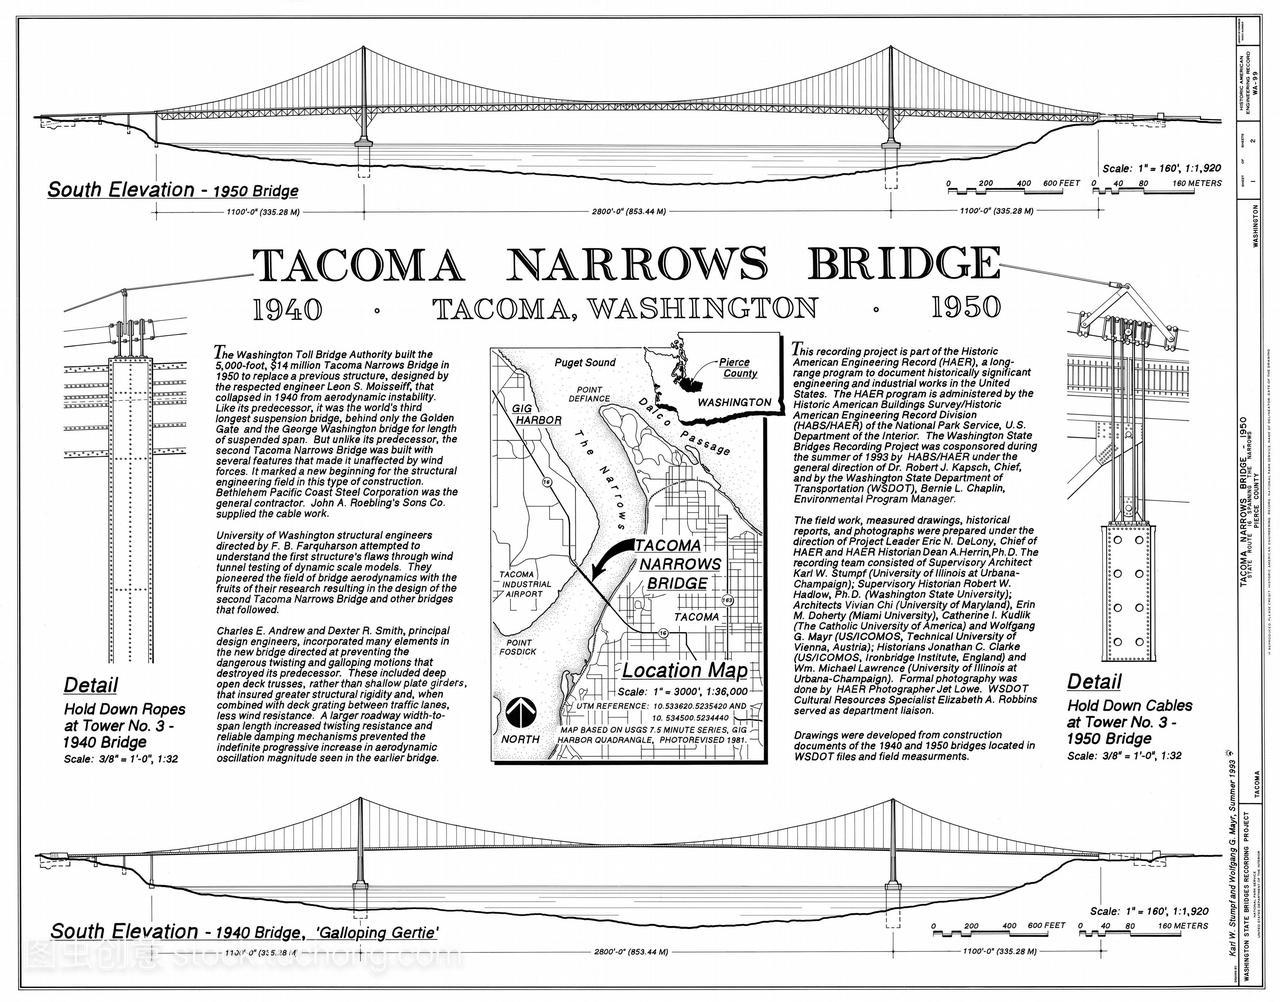 塔科马缩小桥梁相比。1993年,美国历史悠久的司筒图纸尺寸图片